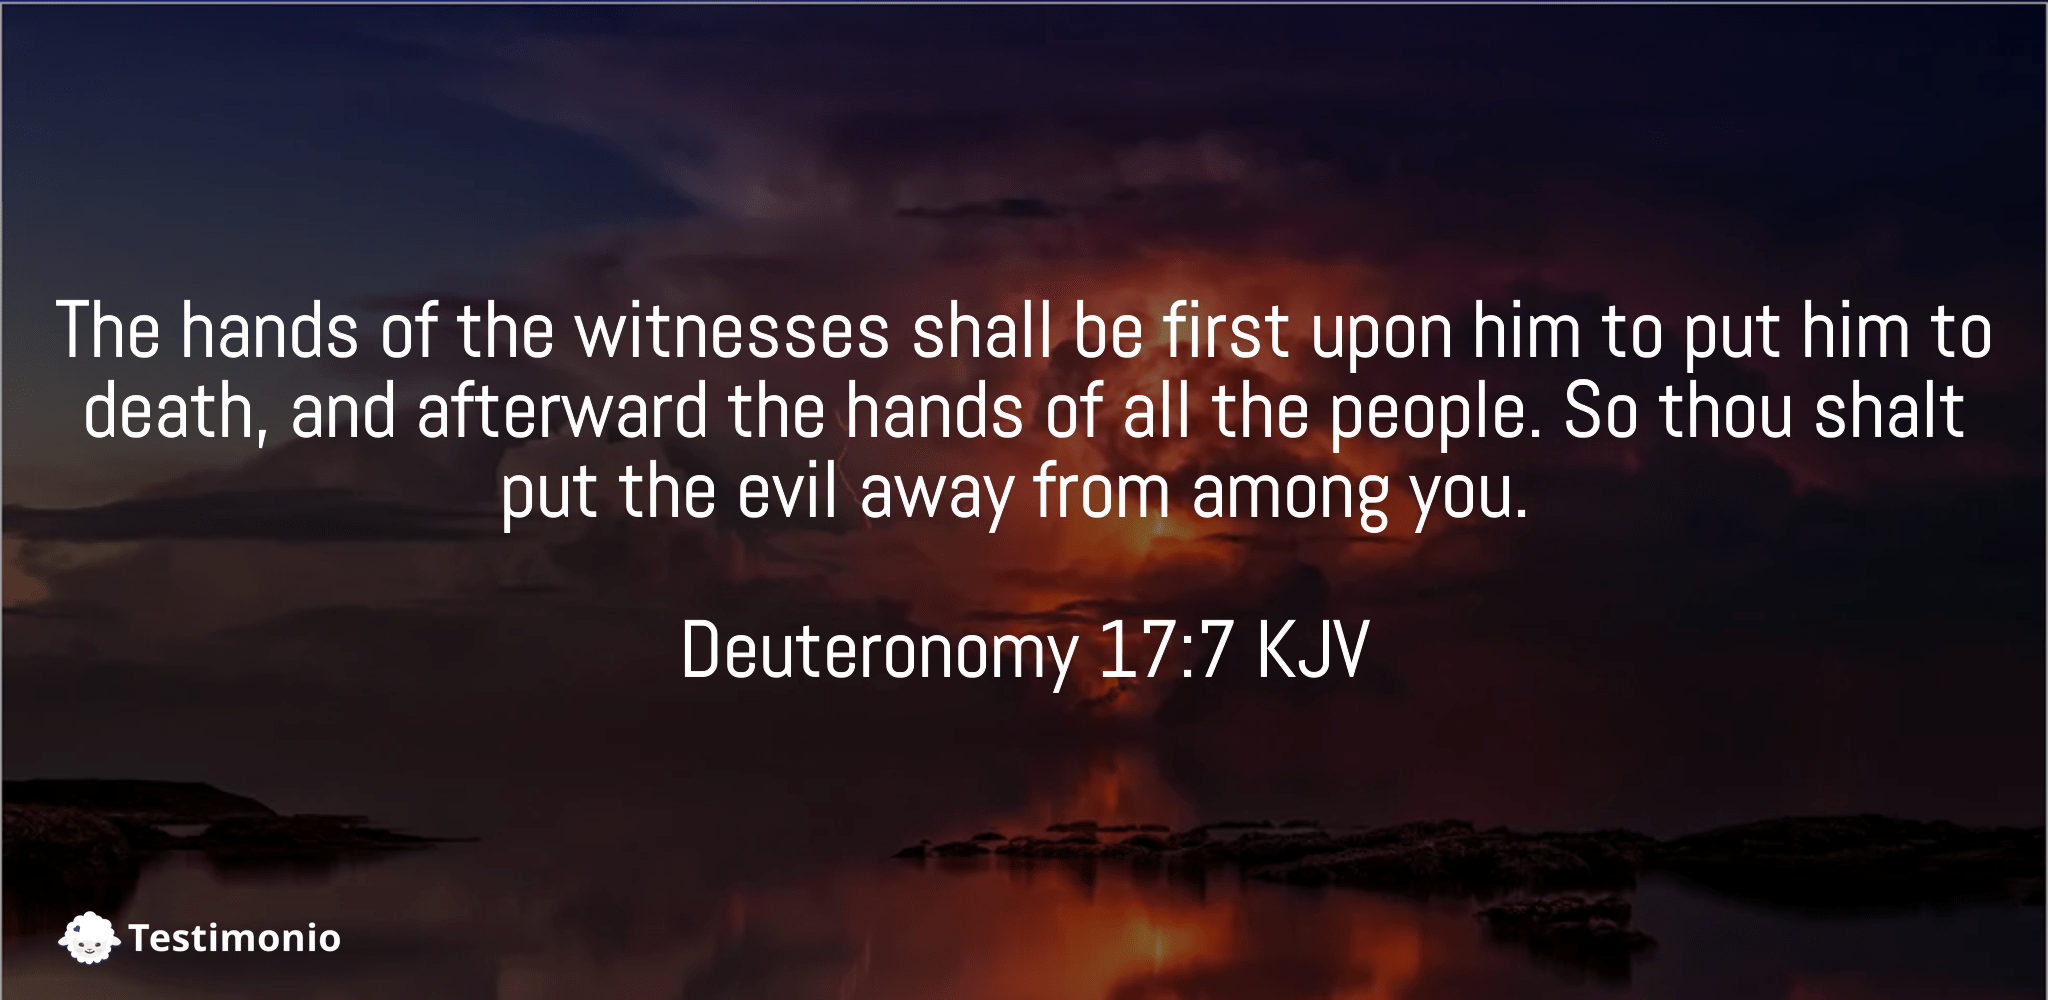 Deuteronomy 17:7